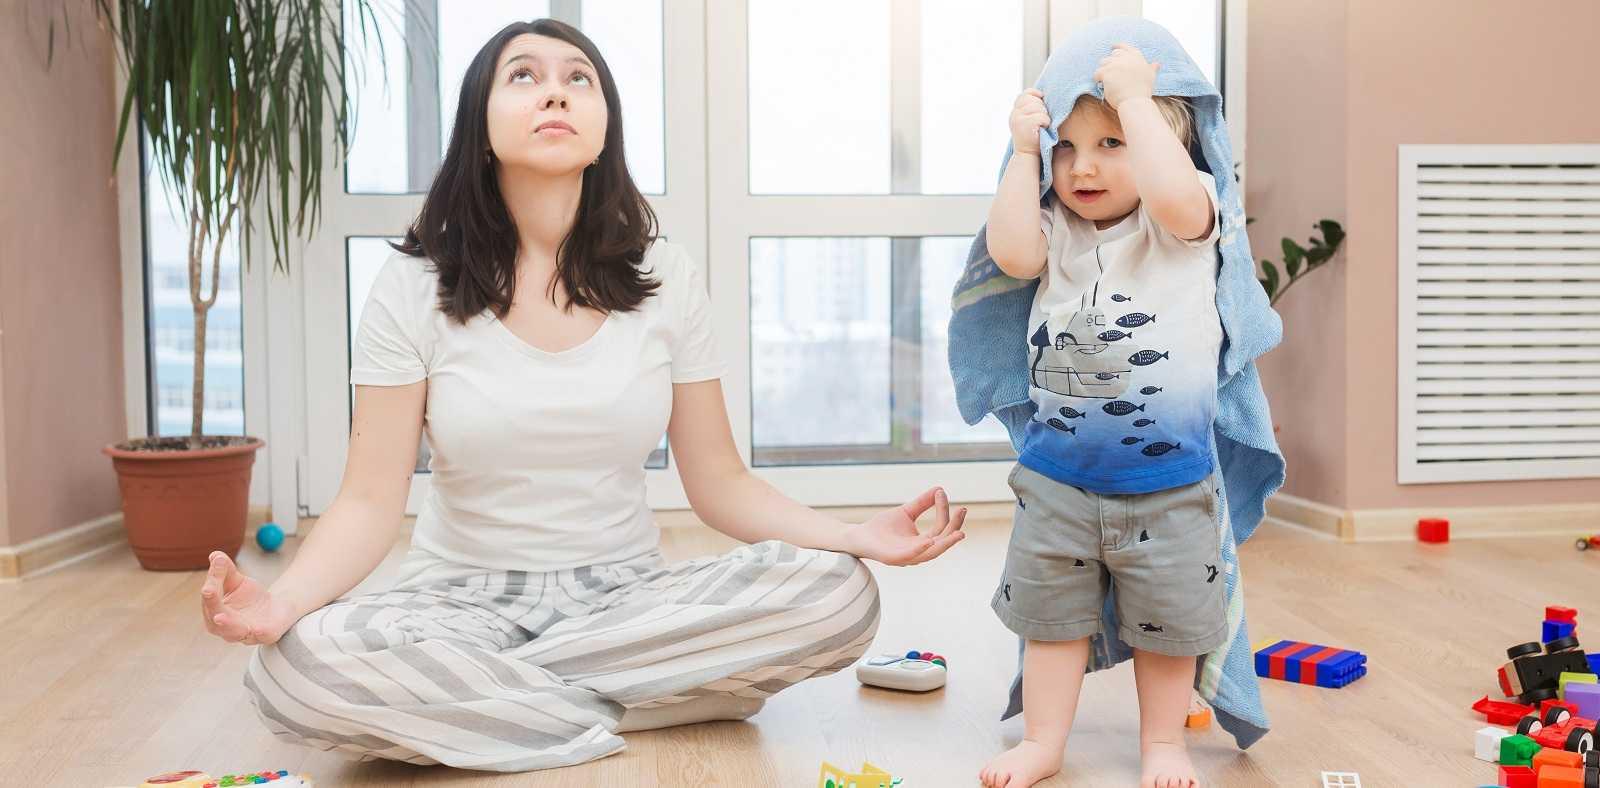 Пет надеждни начина да се почувстваш отвратителна майка